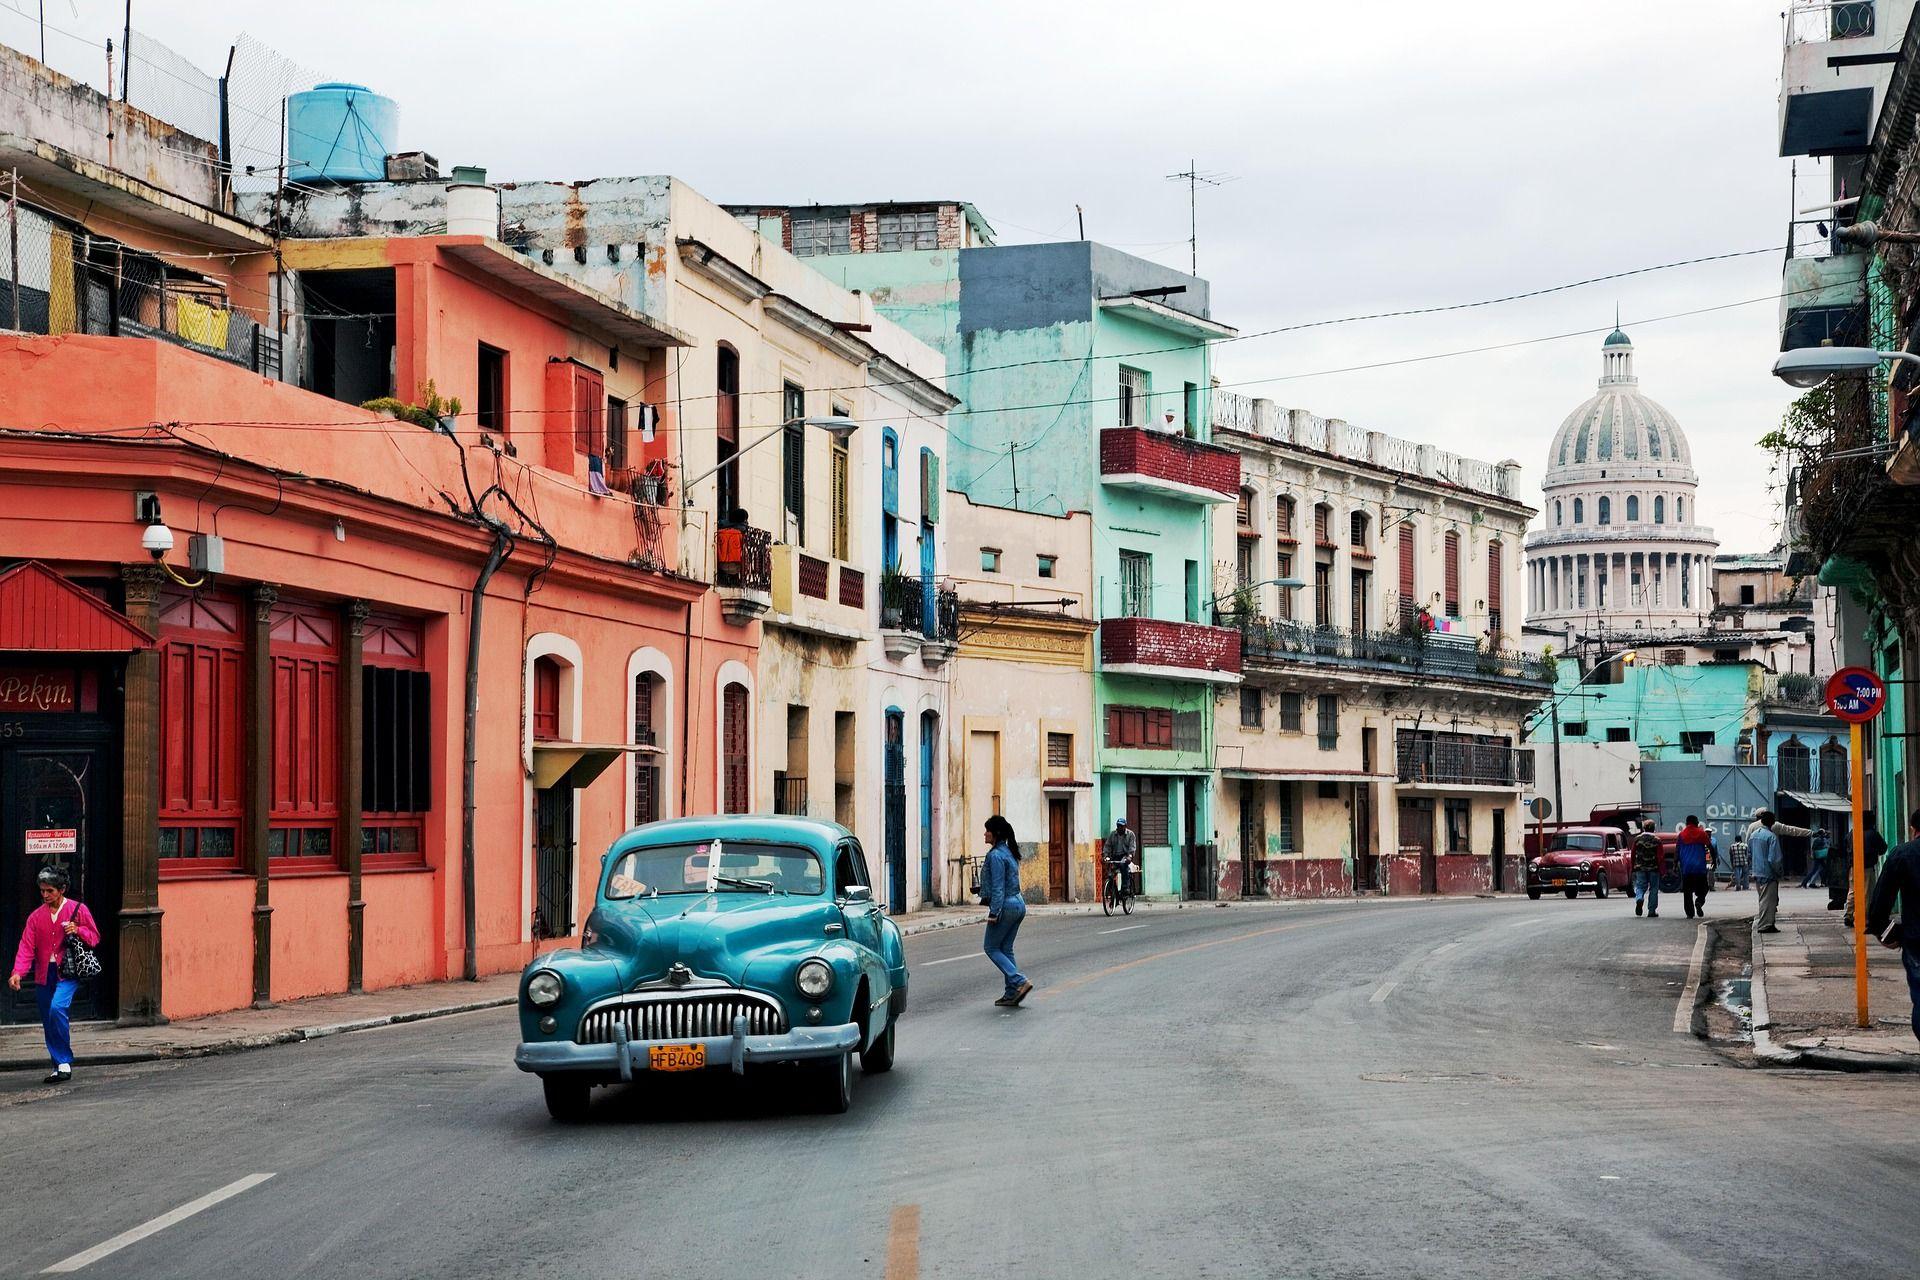 Viaje A Cuba Que Ver En 10 Dias La Havane Cuba La Hav